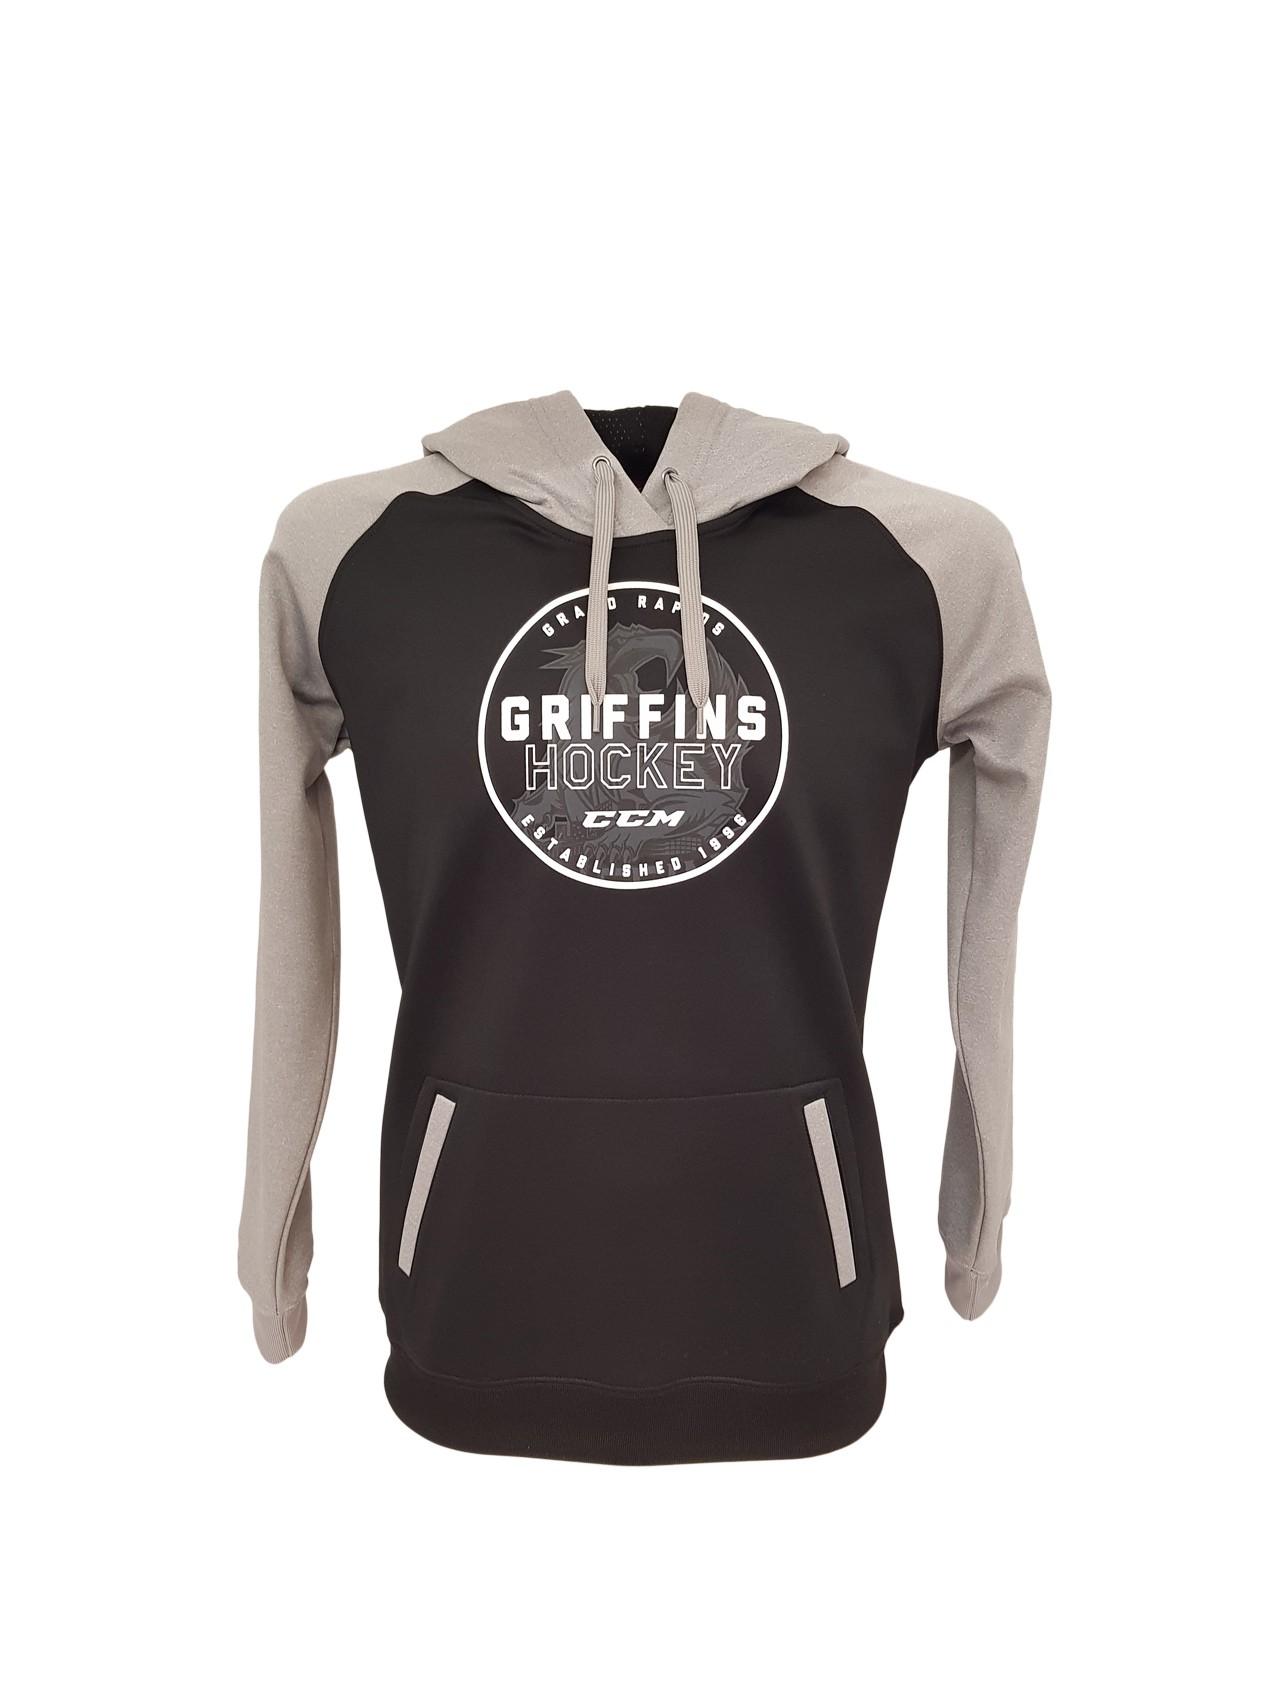 CCM Griffins Hockey Women Pullover Hoodie